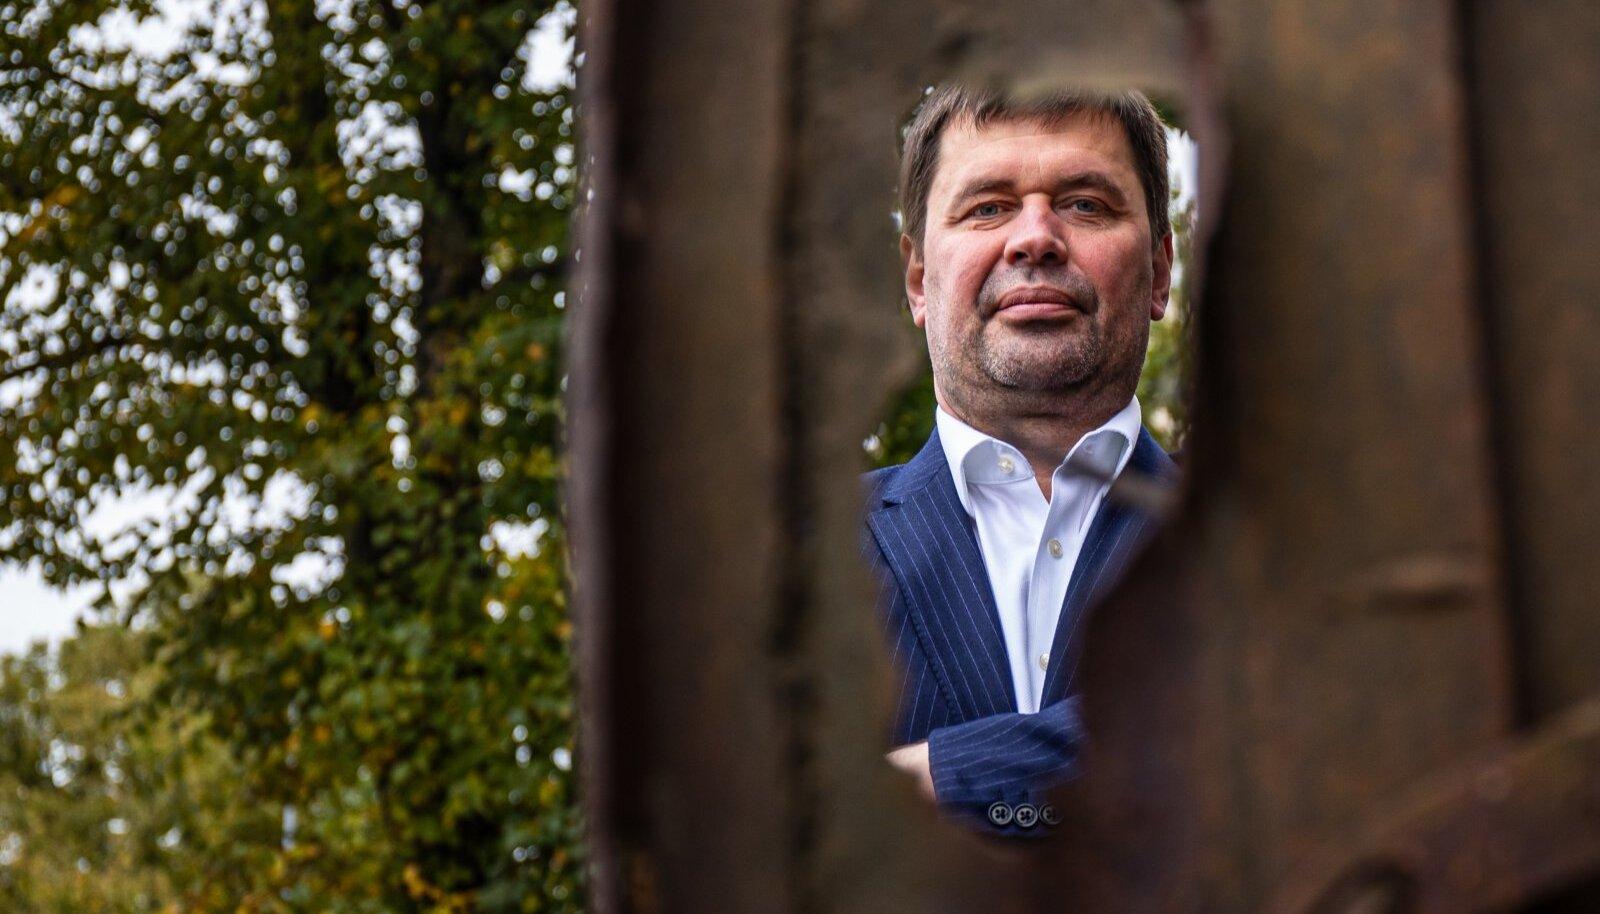 """Oktoobris aktsiad First Northile viia plaaniva Eesti päritolu automüügi tarkvarafirma Modera juhatuse liige Raido Toonekurg rõhutab, et see tõstab ennekõike usaldusväärsust. """"Arvesades, et Nasdaq on siiski rahvusvaheline süsteem, loob see ka võimaluse, et uutel turgudel peab enda tausta vähem tõendama."""""""